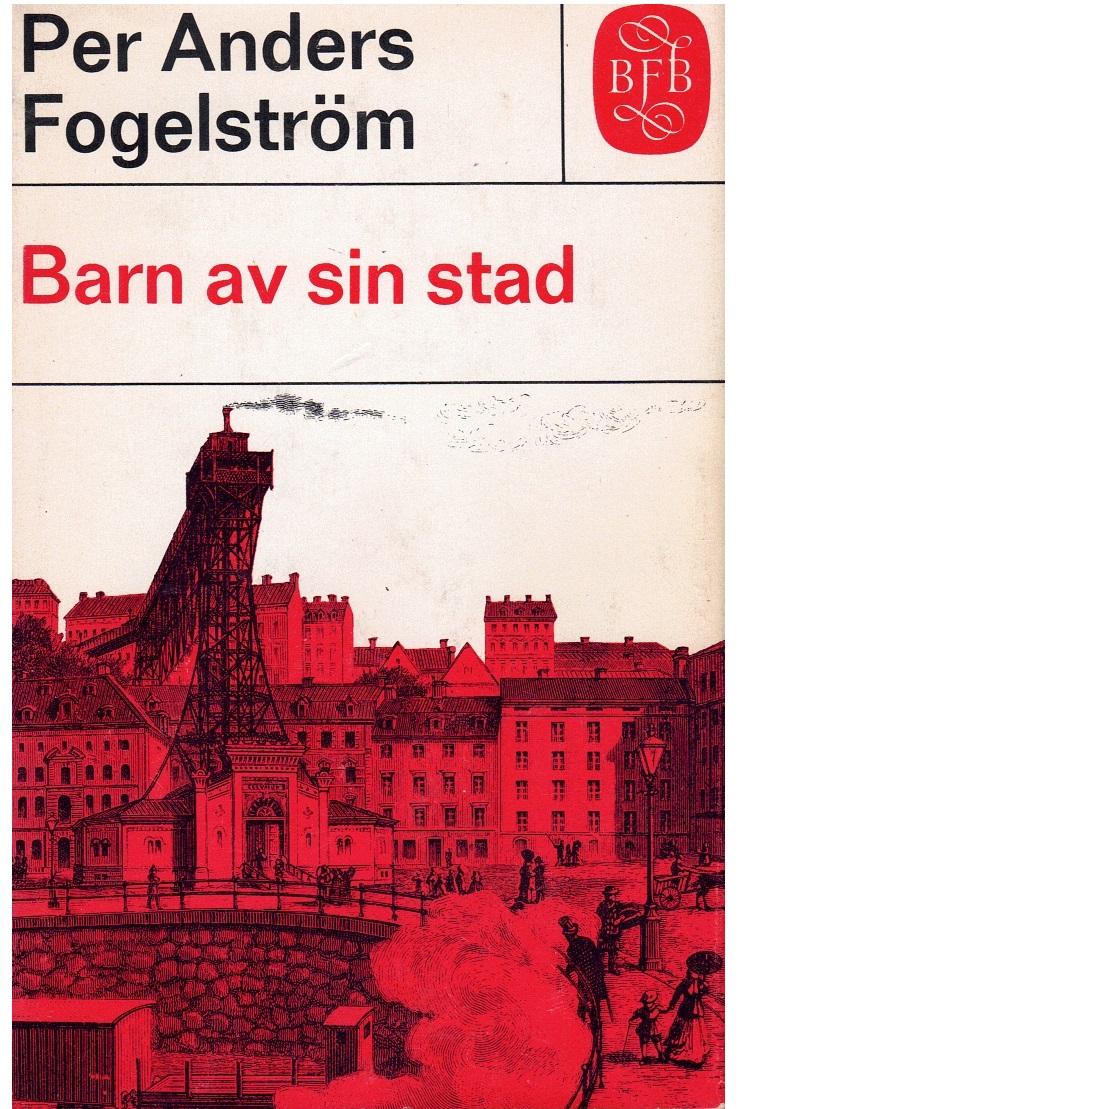 Barn av sin stad - Fogelström, Per Anders